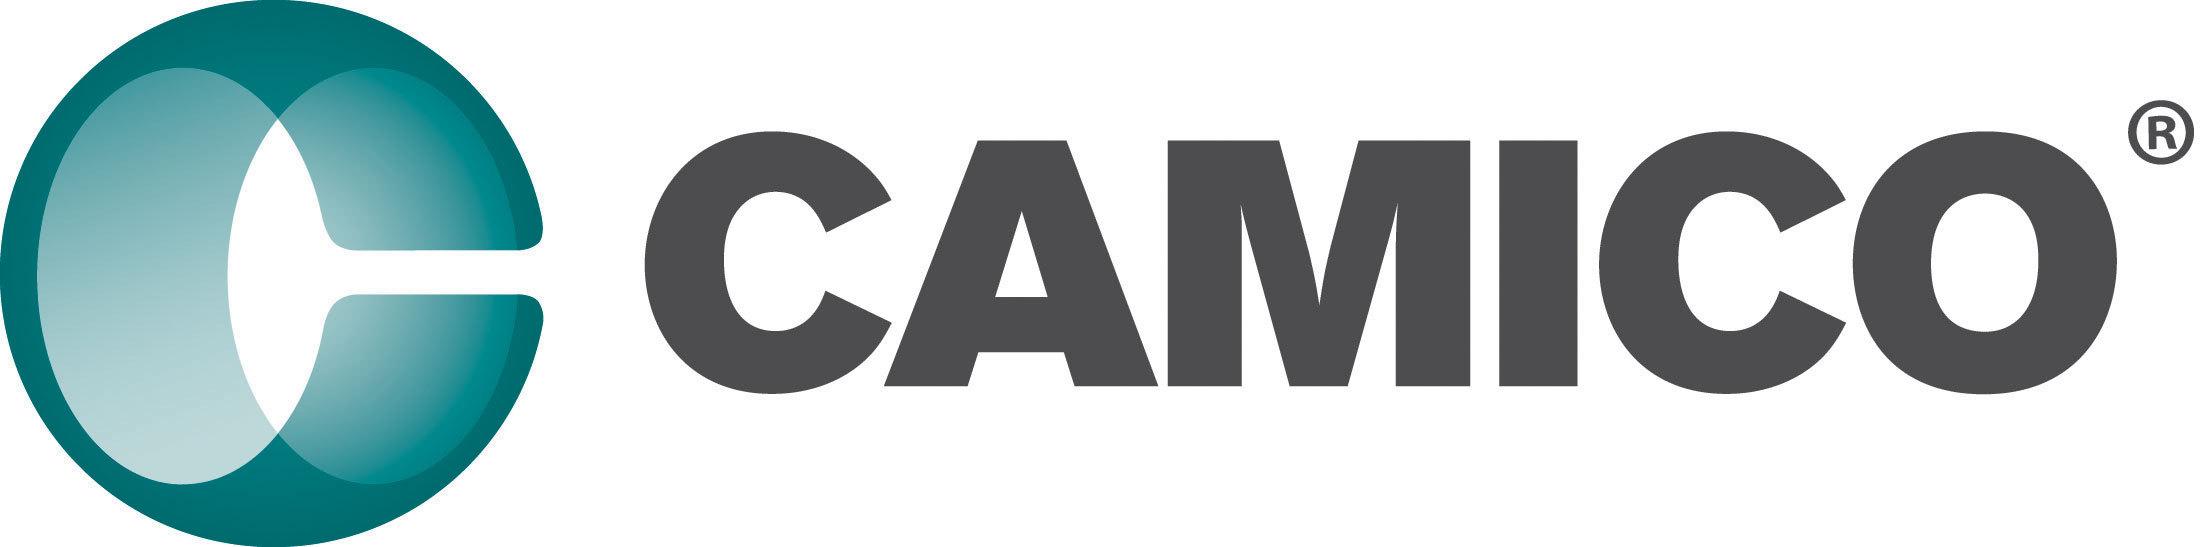 Camico COCPA Platinum Partner